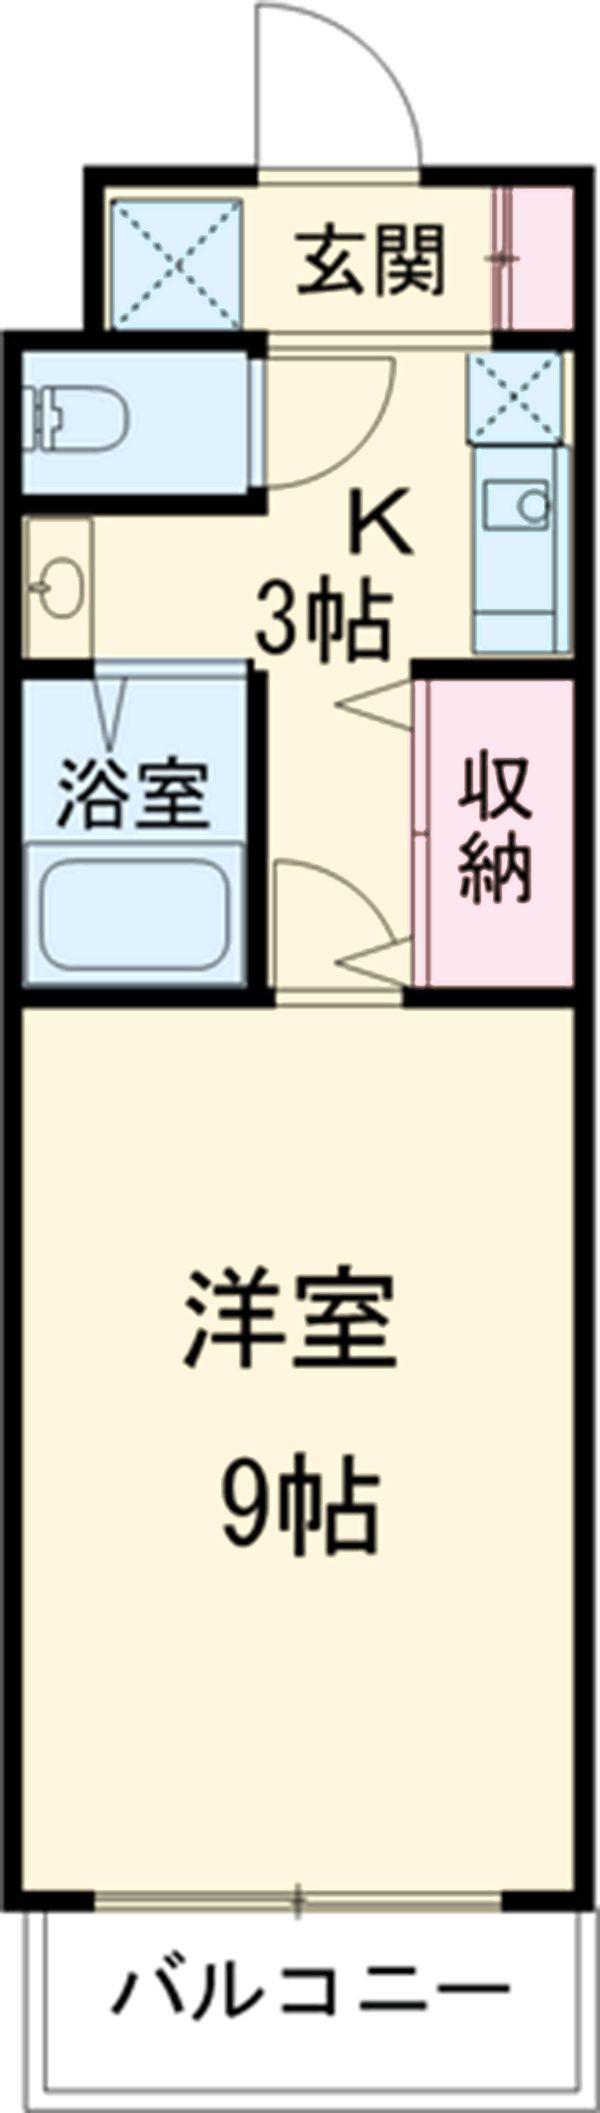 ROXY TAKAHATA 2411 105号室の間取り